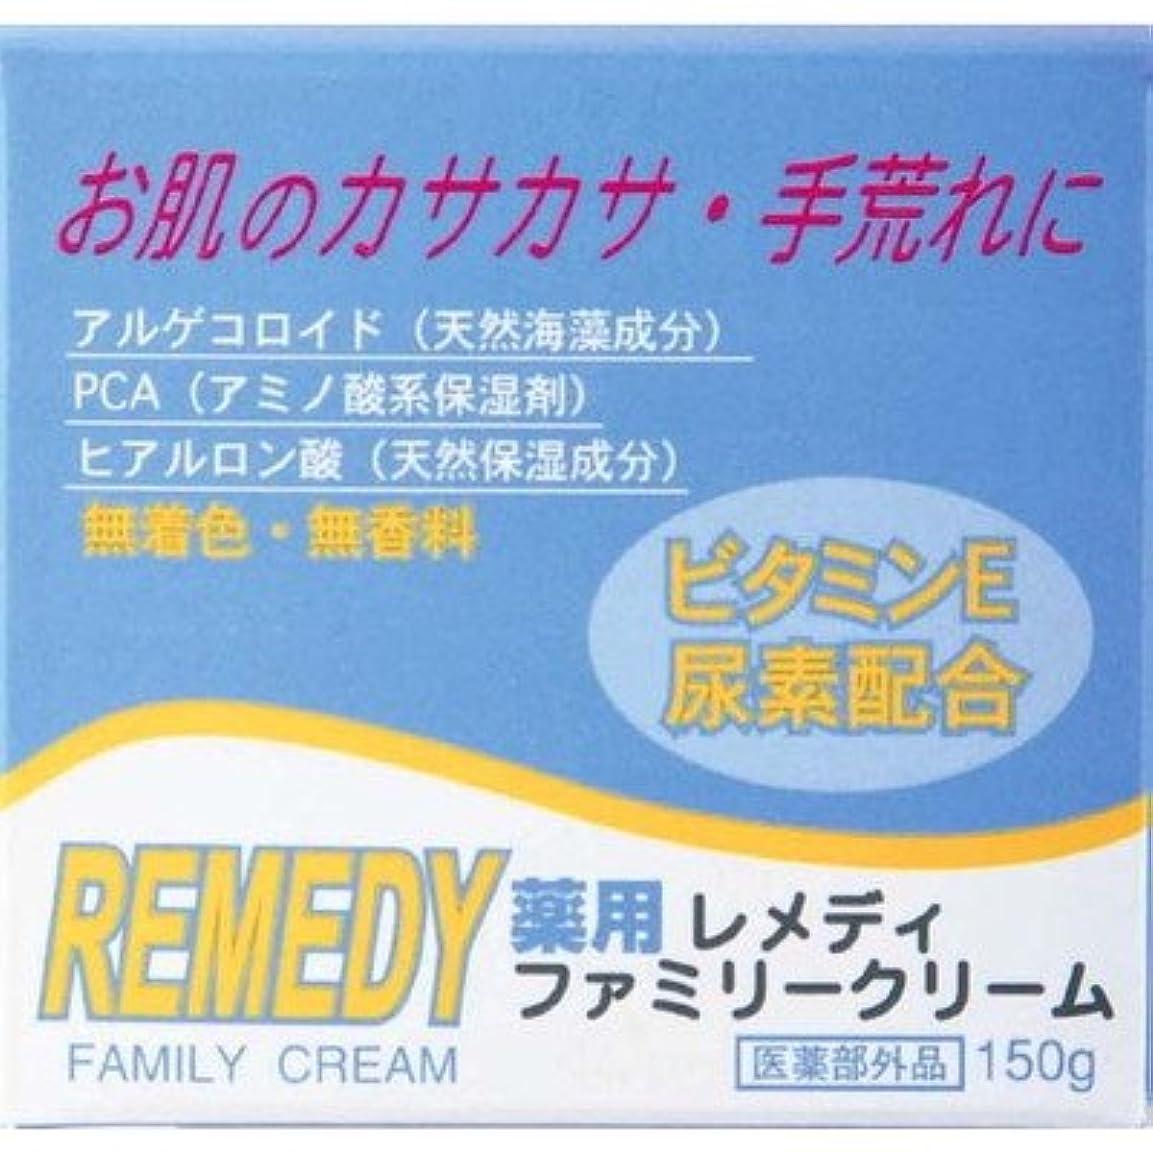 マーガレットミッチェル社説マーケティング【医薬部外品】薬用レメディ ファミリークリーム 150g